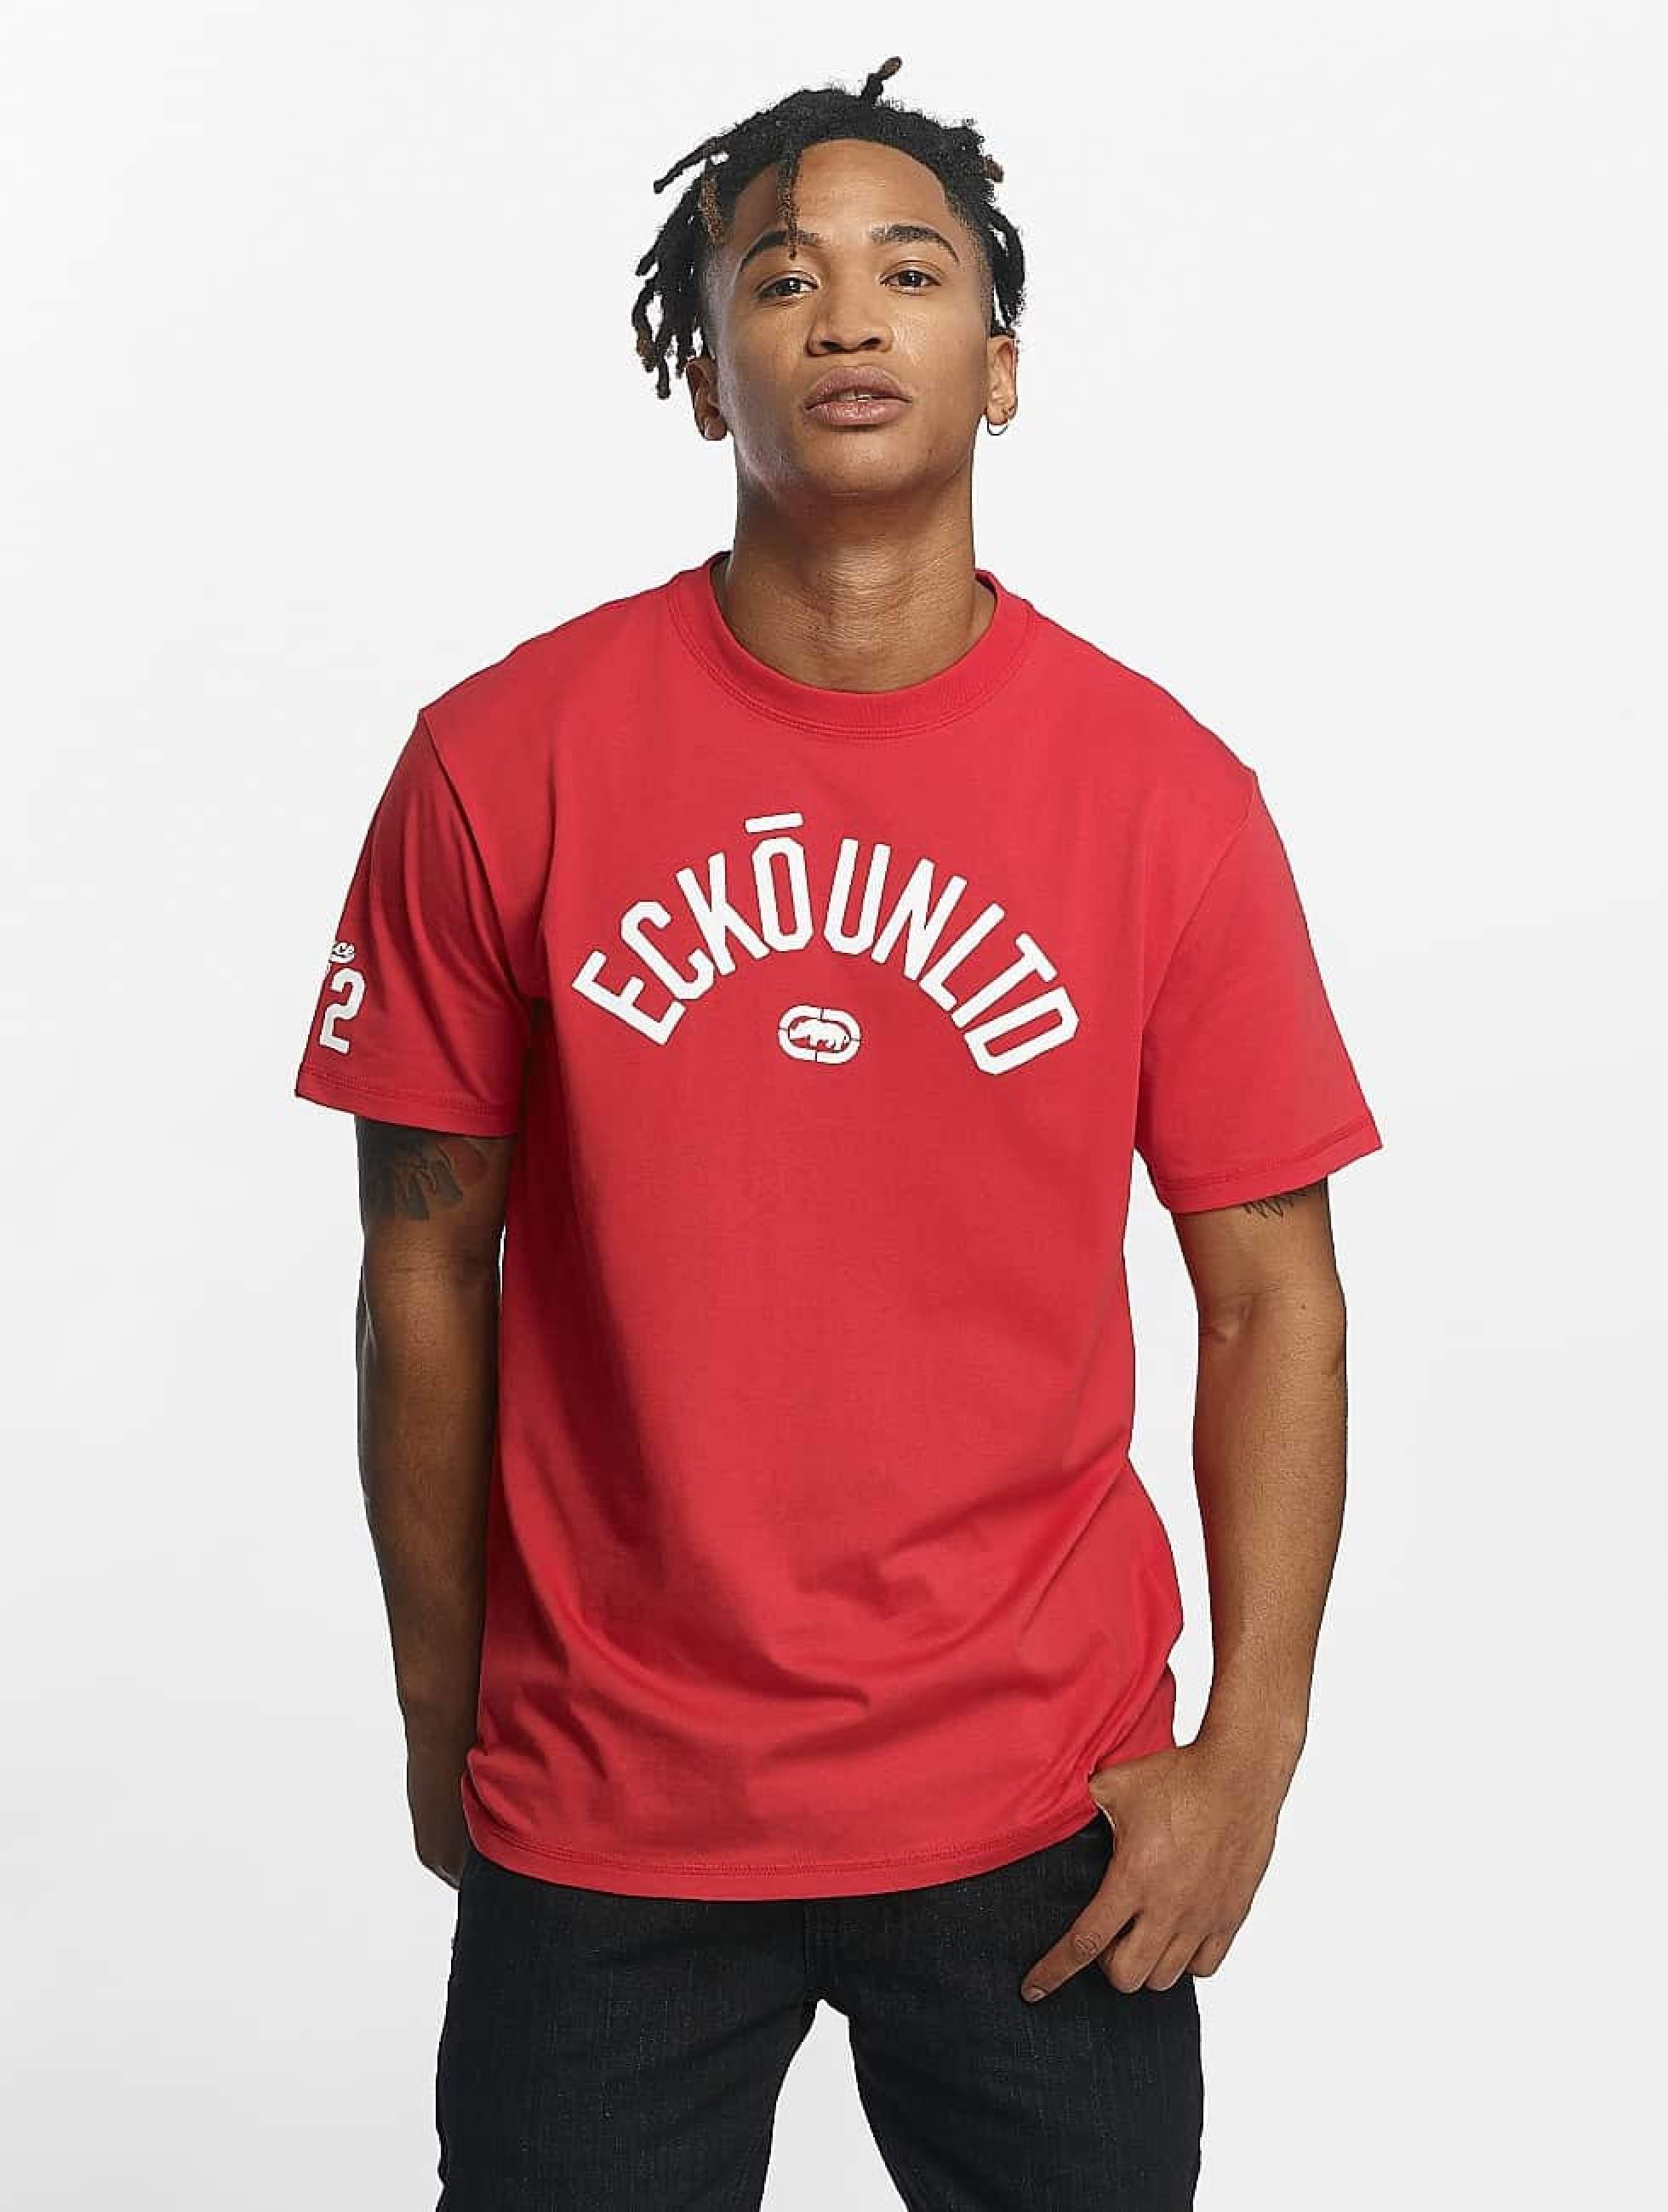 Ecko Unltd. / T-Shirt Base in red M